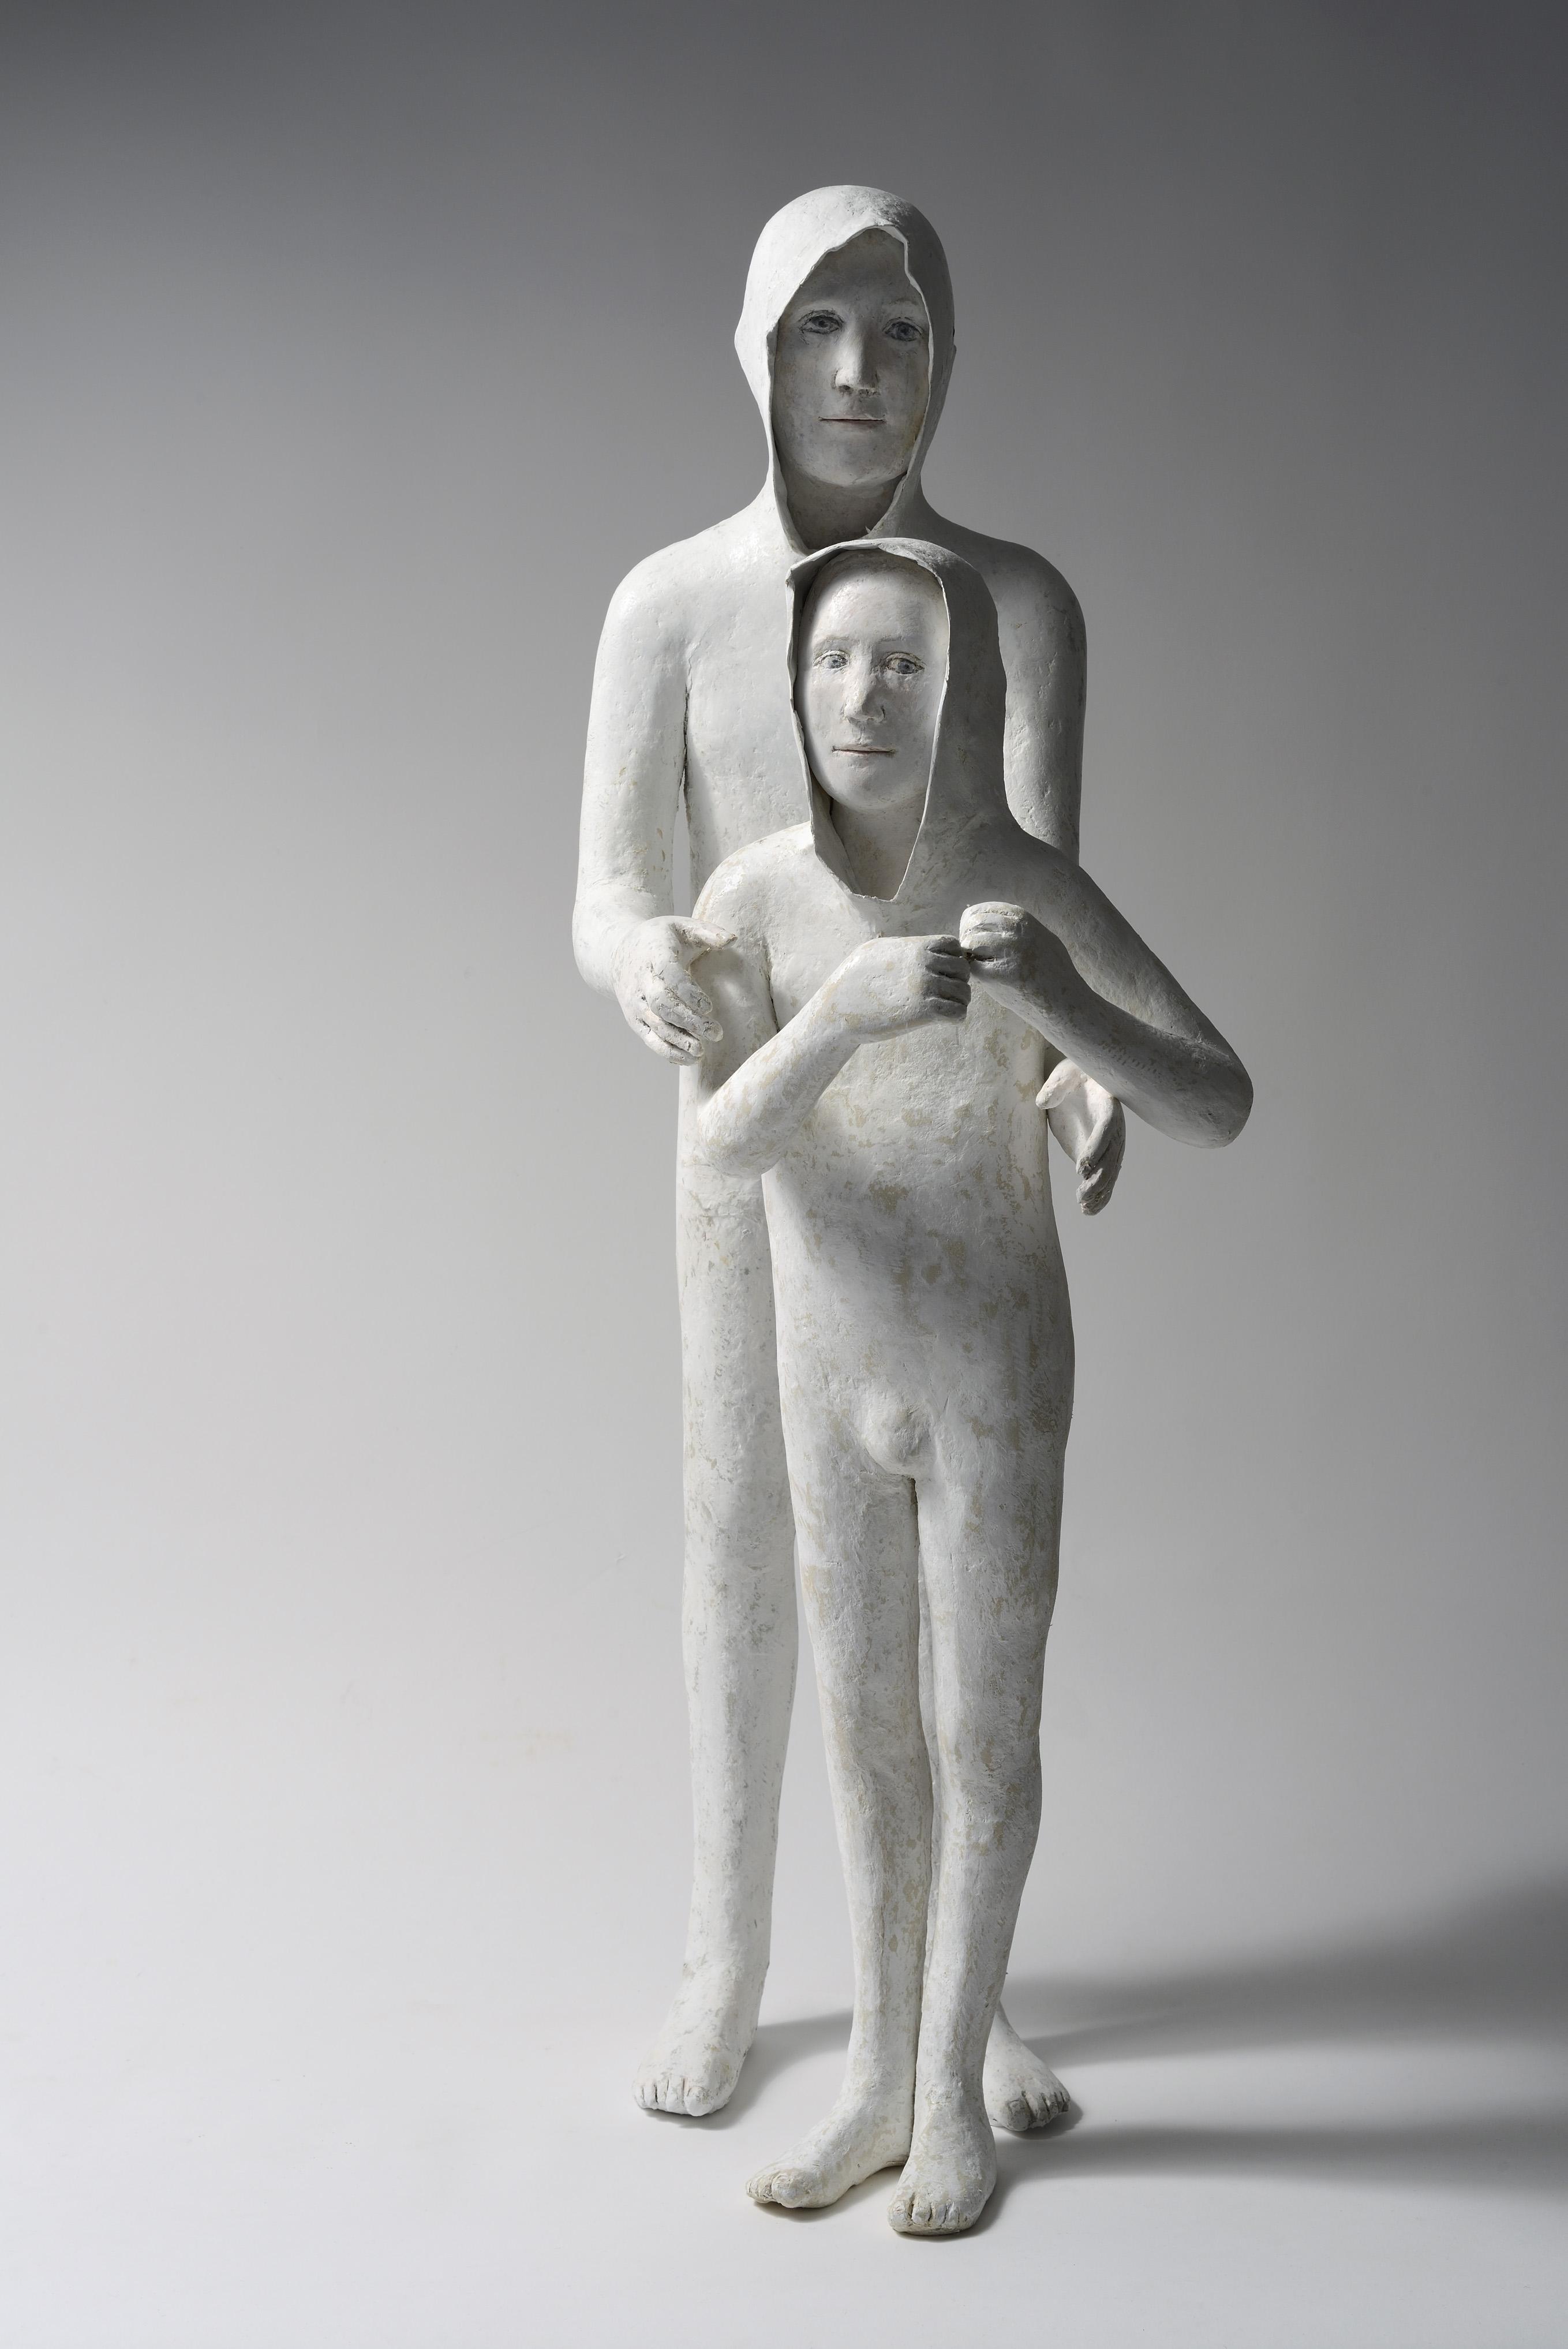 Baillon Agnès, Les deux frères, 2015, papier-mâché, H 85 cm